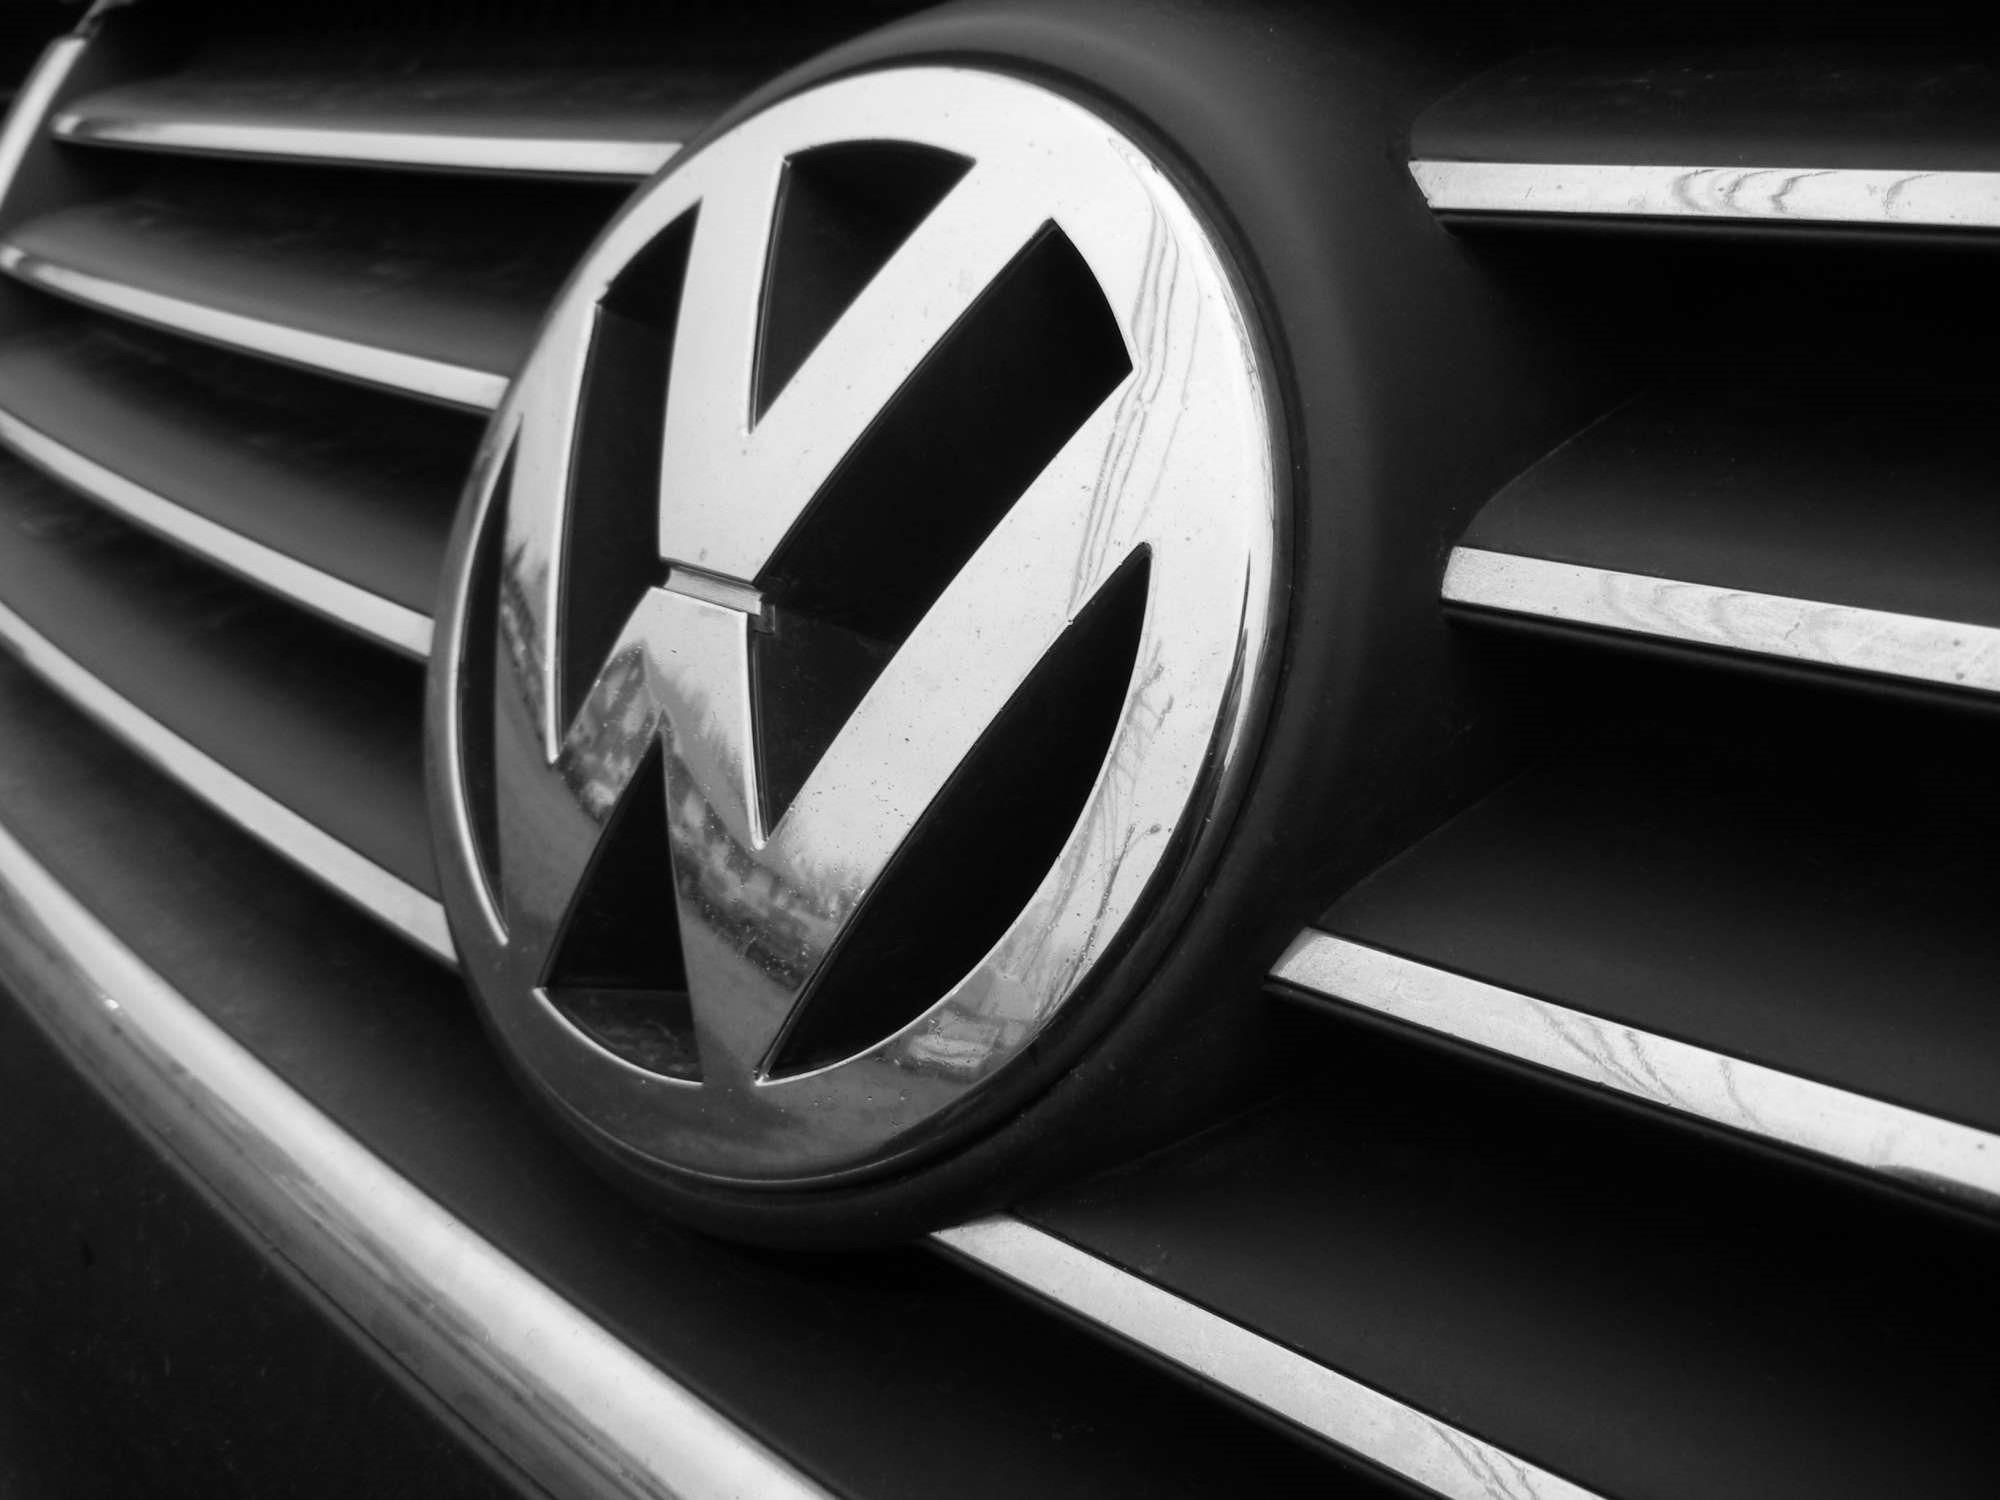 Volkswagen este implicată într-unul dintre cele mai mari scandaluri de poluare din istorie (volkswagen.ro)